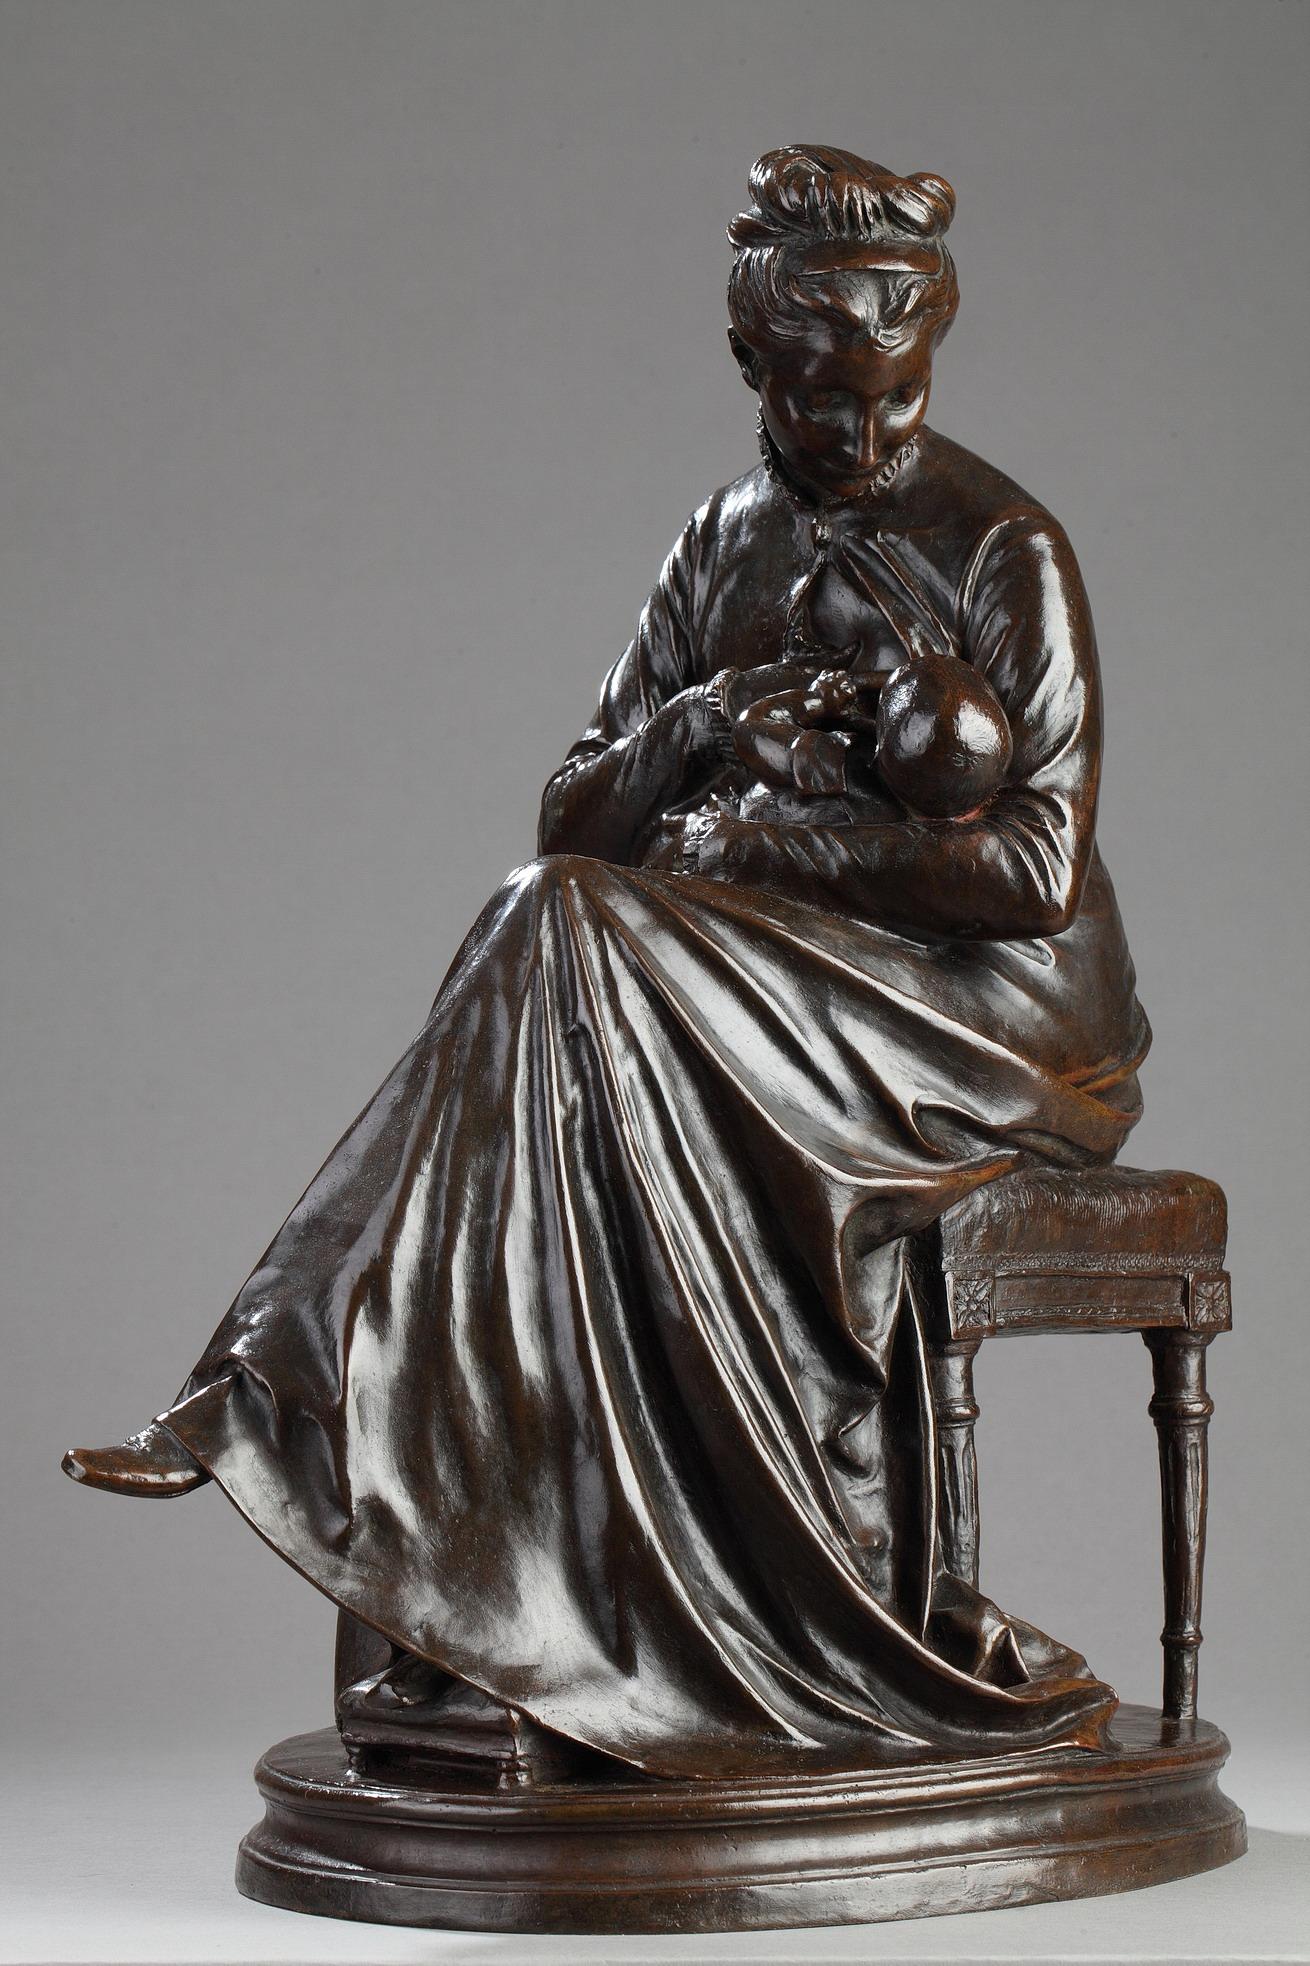 """Jules Dalou (1838-1902), """"Maternité"""" 1874, bronze à patine marron foncé nuancé, fonte Hébrard, haut. 45 cm, sculptures - galerie Tourbillon, Paris"""